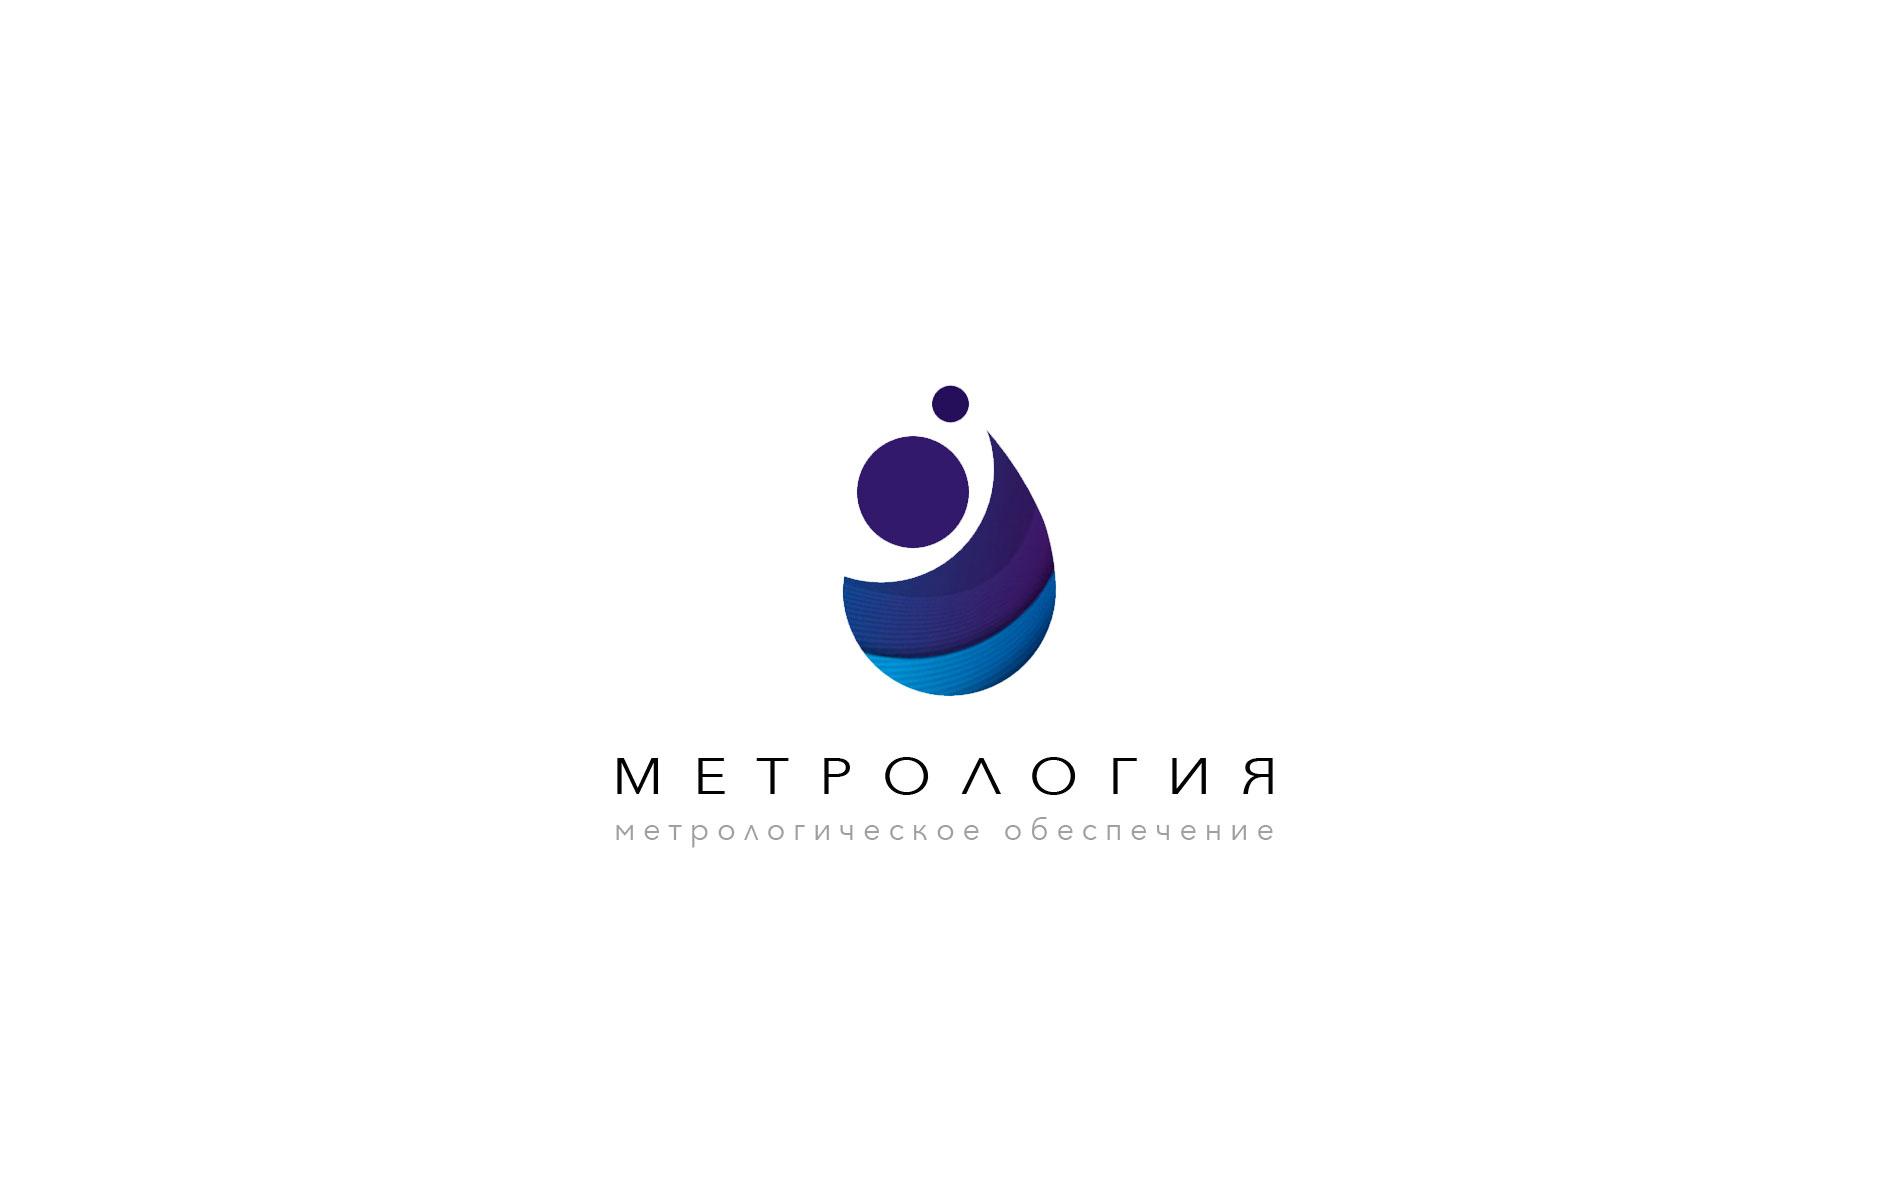 Разработать логотип, визитку, фирменный бланк. фото f_53458ff17676835e.jpg